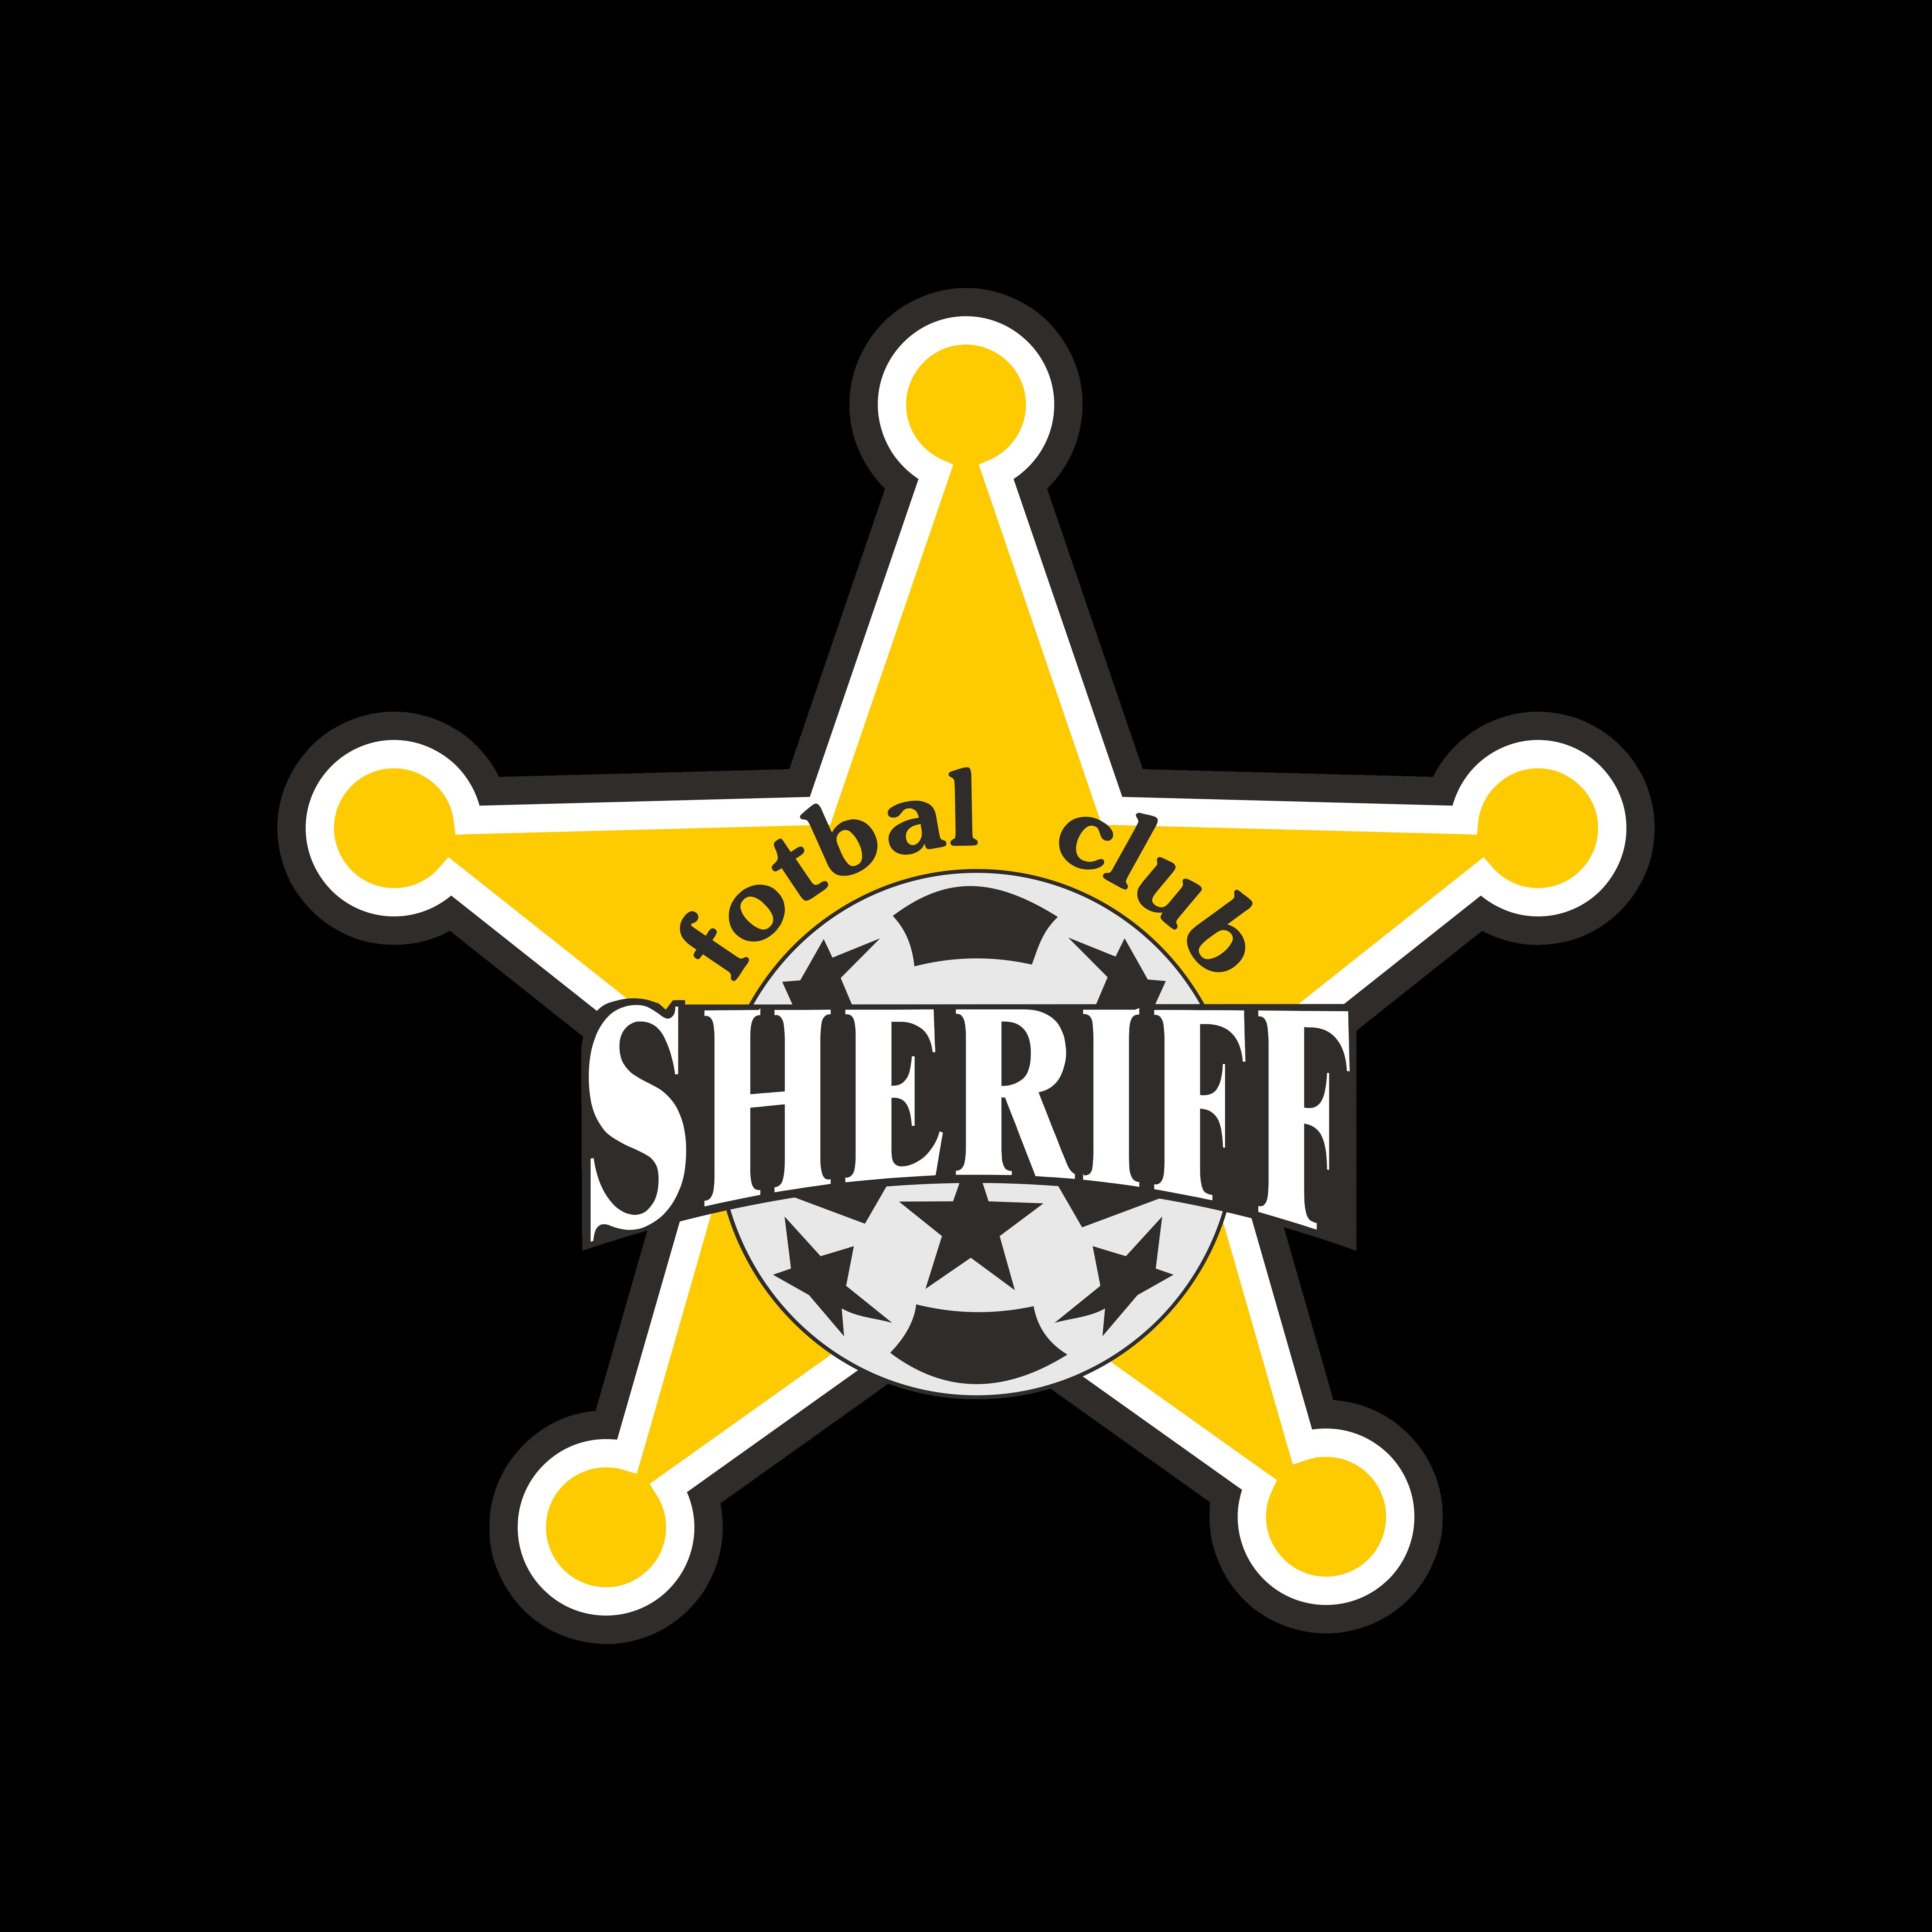 fk sheriff logo 0 - FK Sheriff Logo